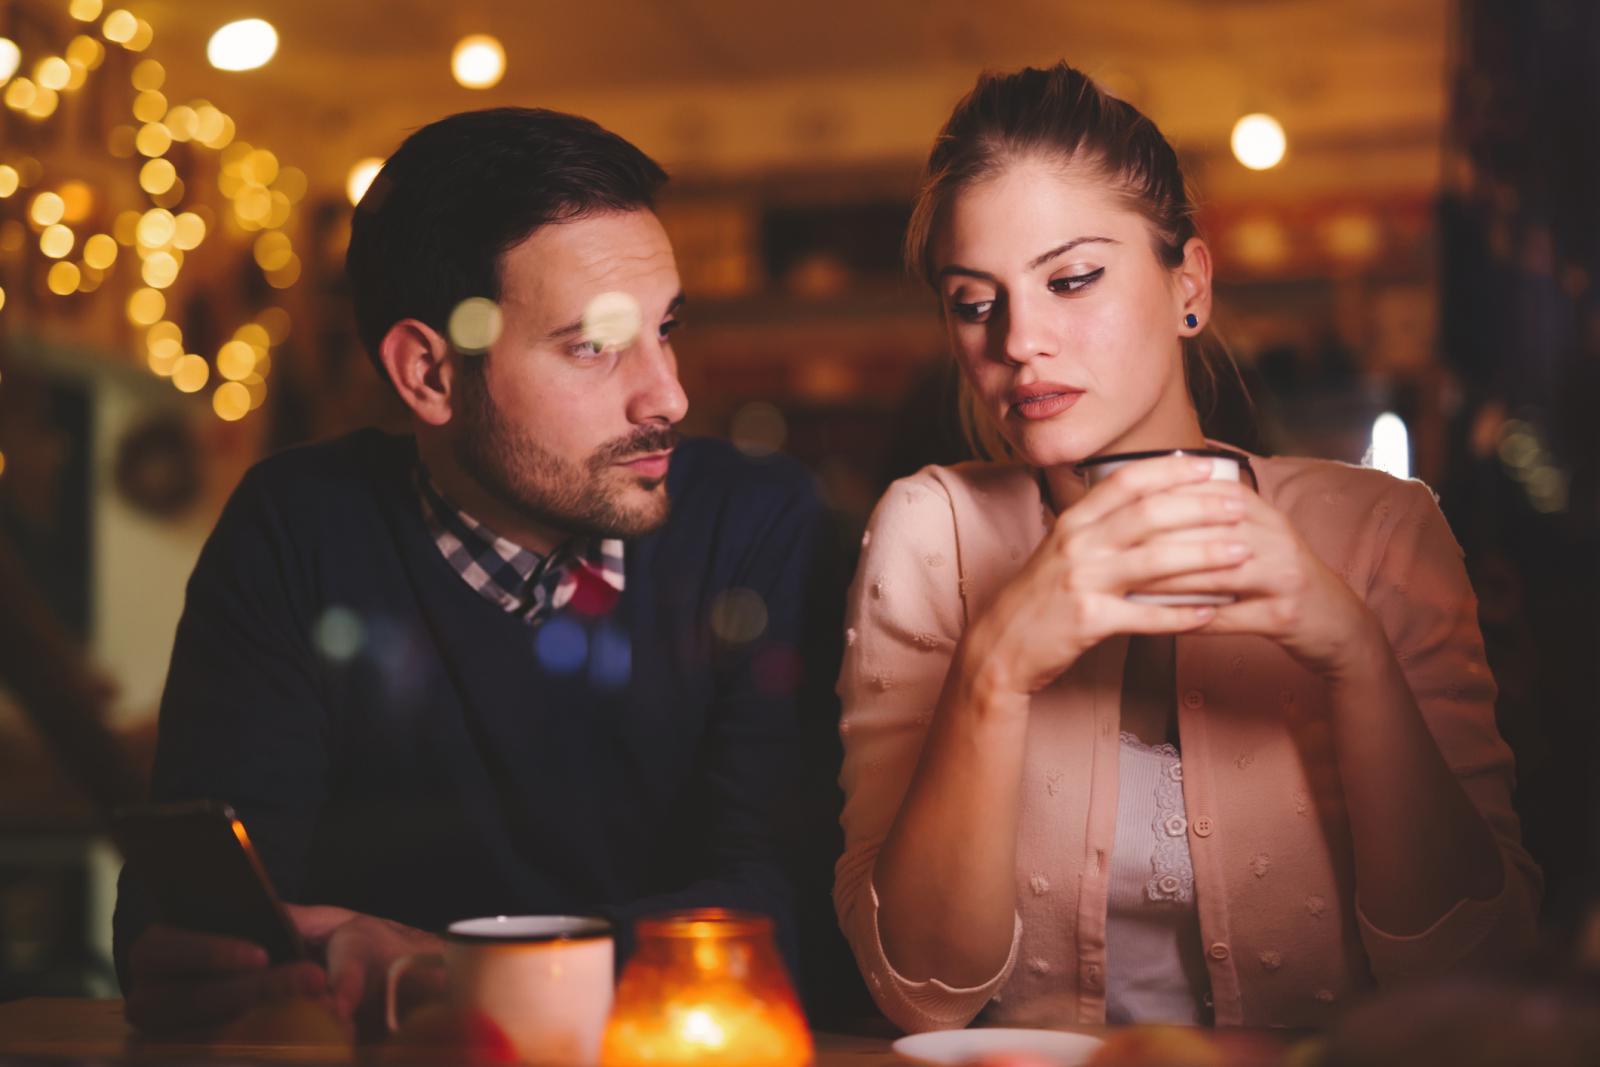 Gdje je taj prostor otvaranja u kojem smo još uvijek zaštitili intimu a ujedno smo dali dio sebe ljudima koji sjede s nama za stolom?